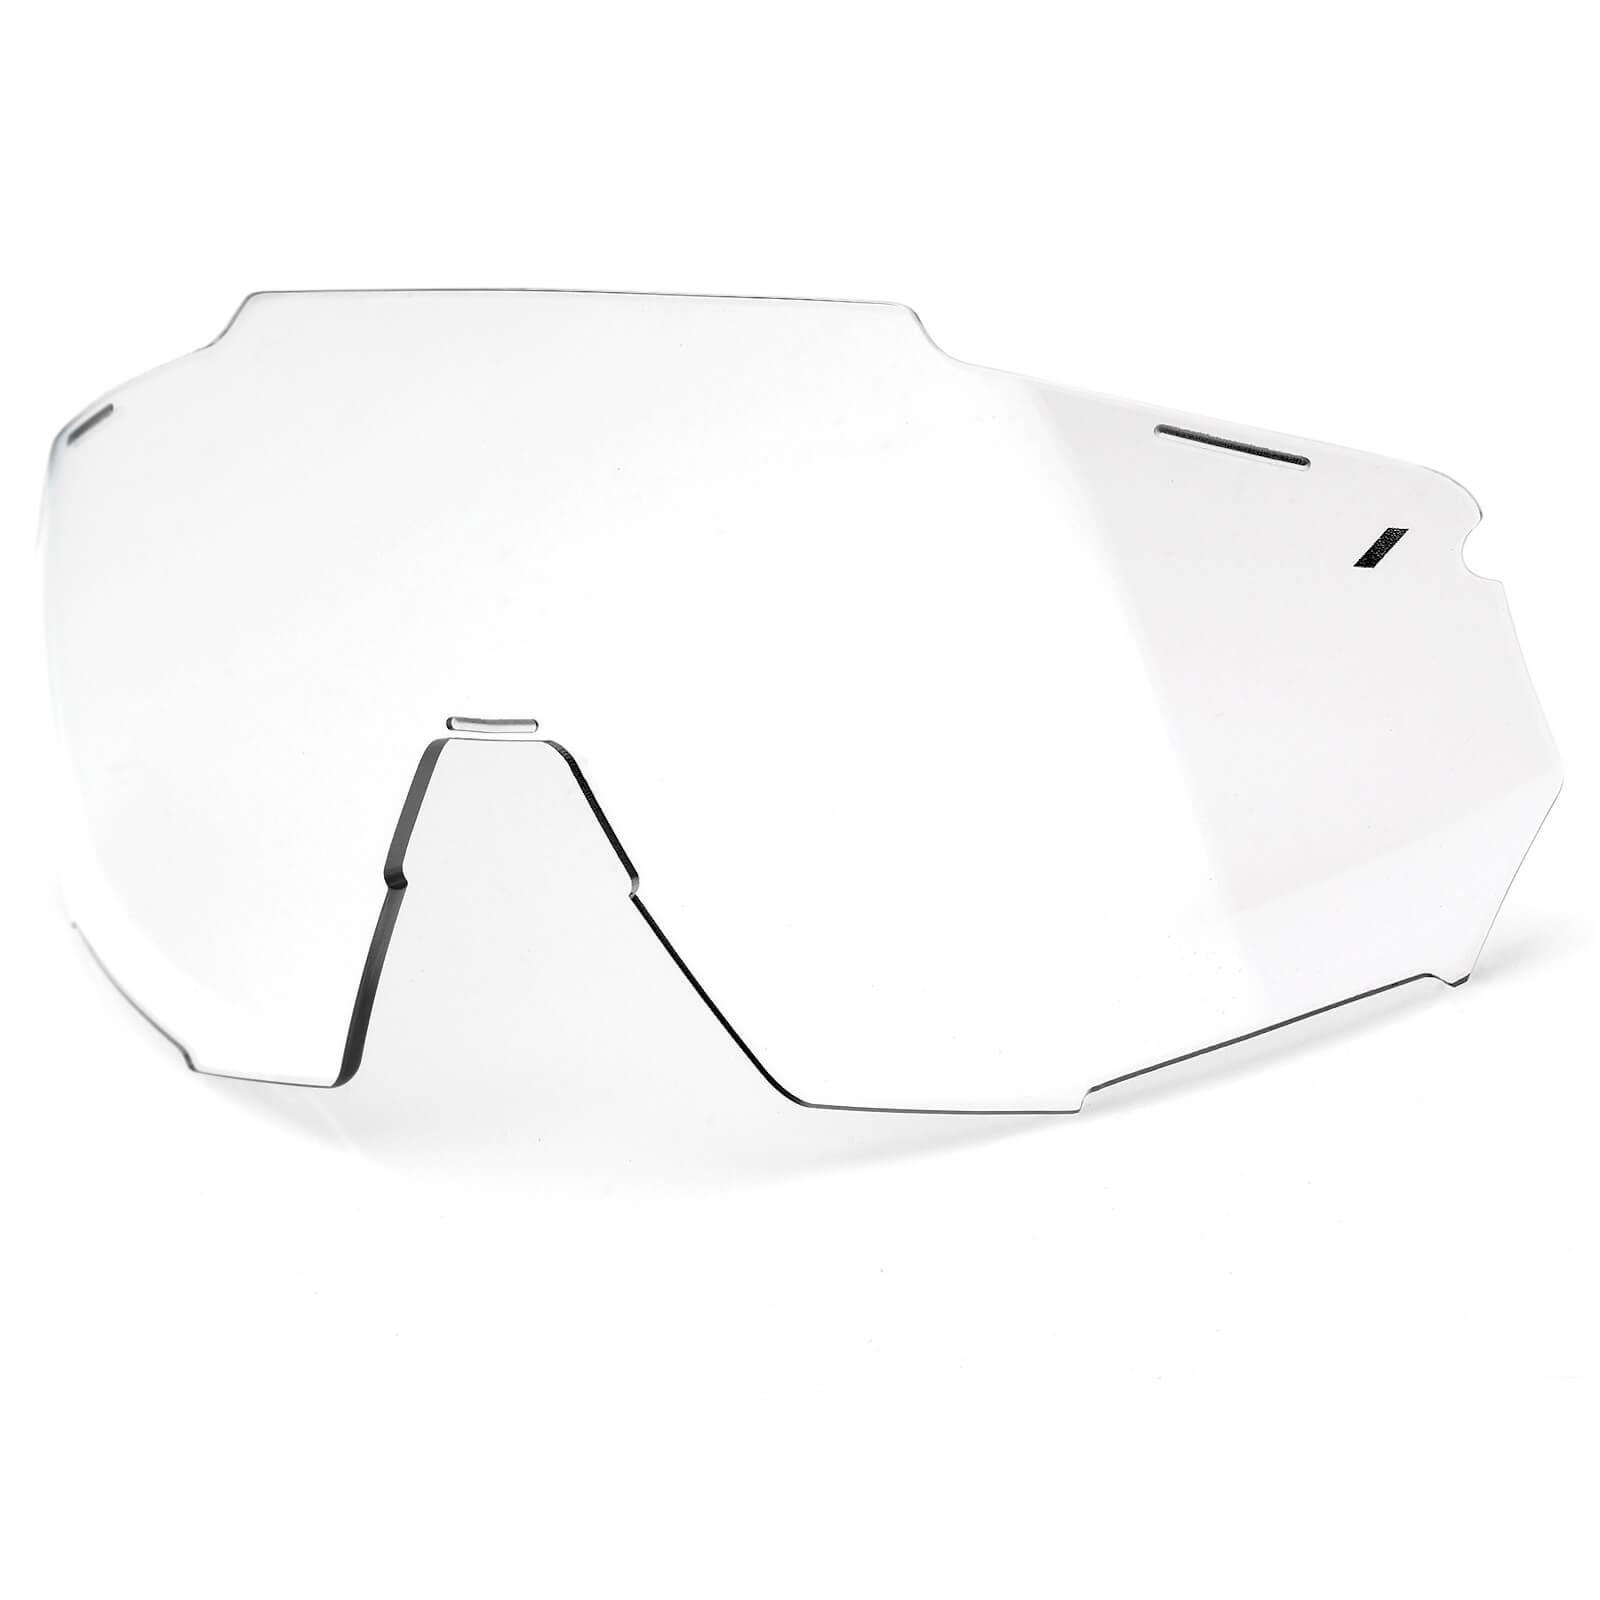 100% Racetrap Replacement Lens - Clear